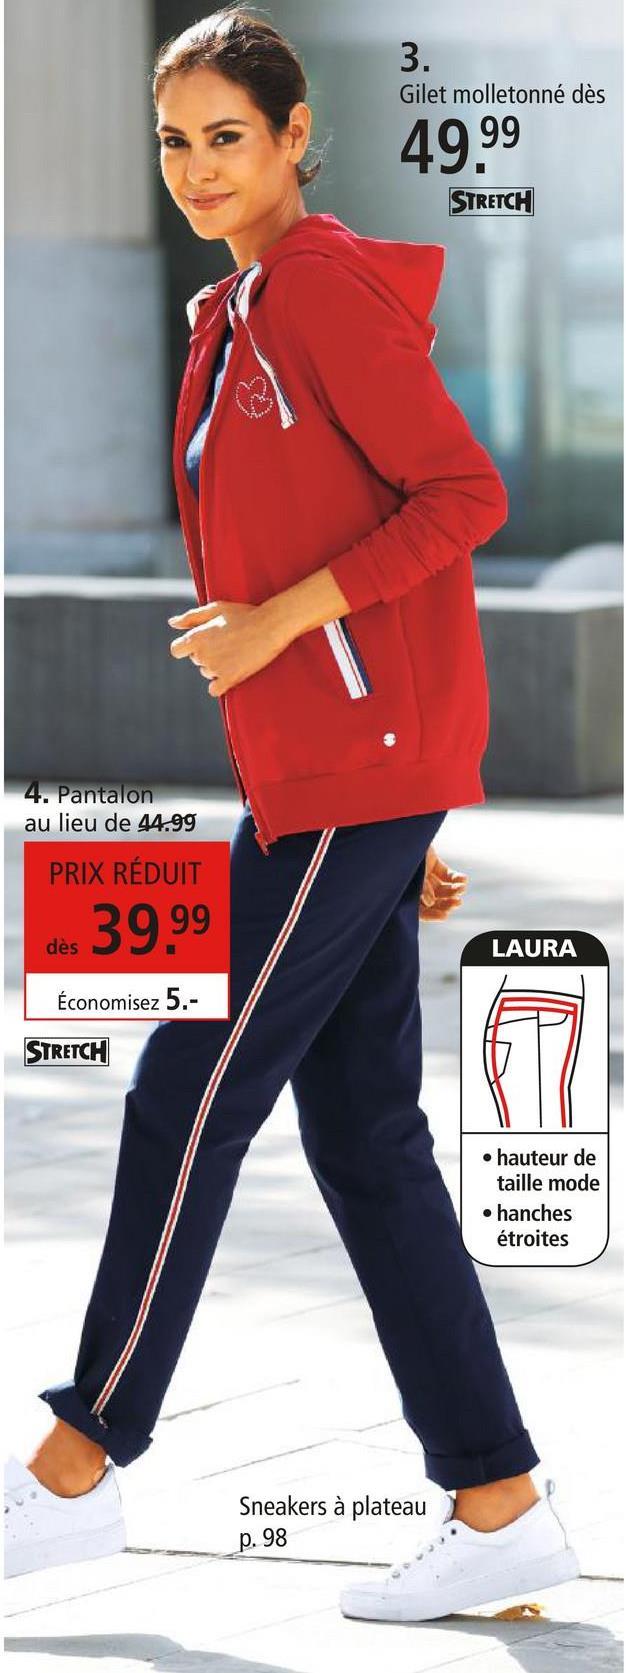 Veste molletonnée Laura Kent Rouge Une pièce parfaite pour tous les jours et facile à combiner: cette veste molletonnée décontractée à poches biais Laura Kent ne peut que vous plaire! En outre, des bandes fantaisie ornent la veste. La part de coton vous offre une sensation de douceur unique tandis que la matière synthétique rend le modèle indéformable et particulièrement facile d'entretien. La veste arbore une fermeture à glissière. Si vous ne voulez pas vous encombrer d'un sac, des poches biais offrent un espace de rangement supplémentaire pour y ranger vos accessoires, tels que vos clés ou votre smartphone! Bas des manches extensible. Composer une tenue devient un jeu d'enfant grâce à son coloris uni. Commandez cette veste molletonnée Laura Kent sur notre boutique en ligne pour recevoir votre nouveau coup de coeur mode sans délai directement à la maison!